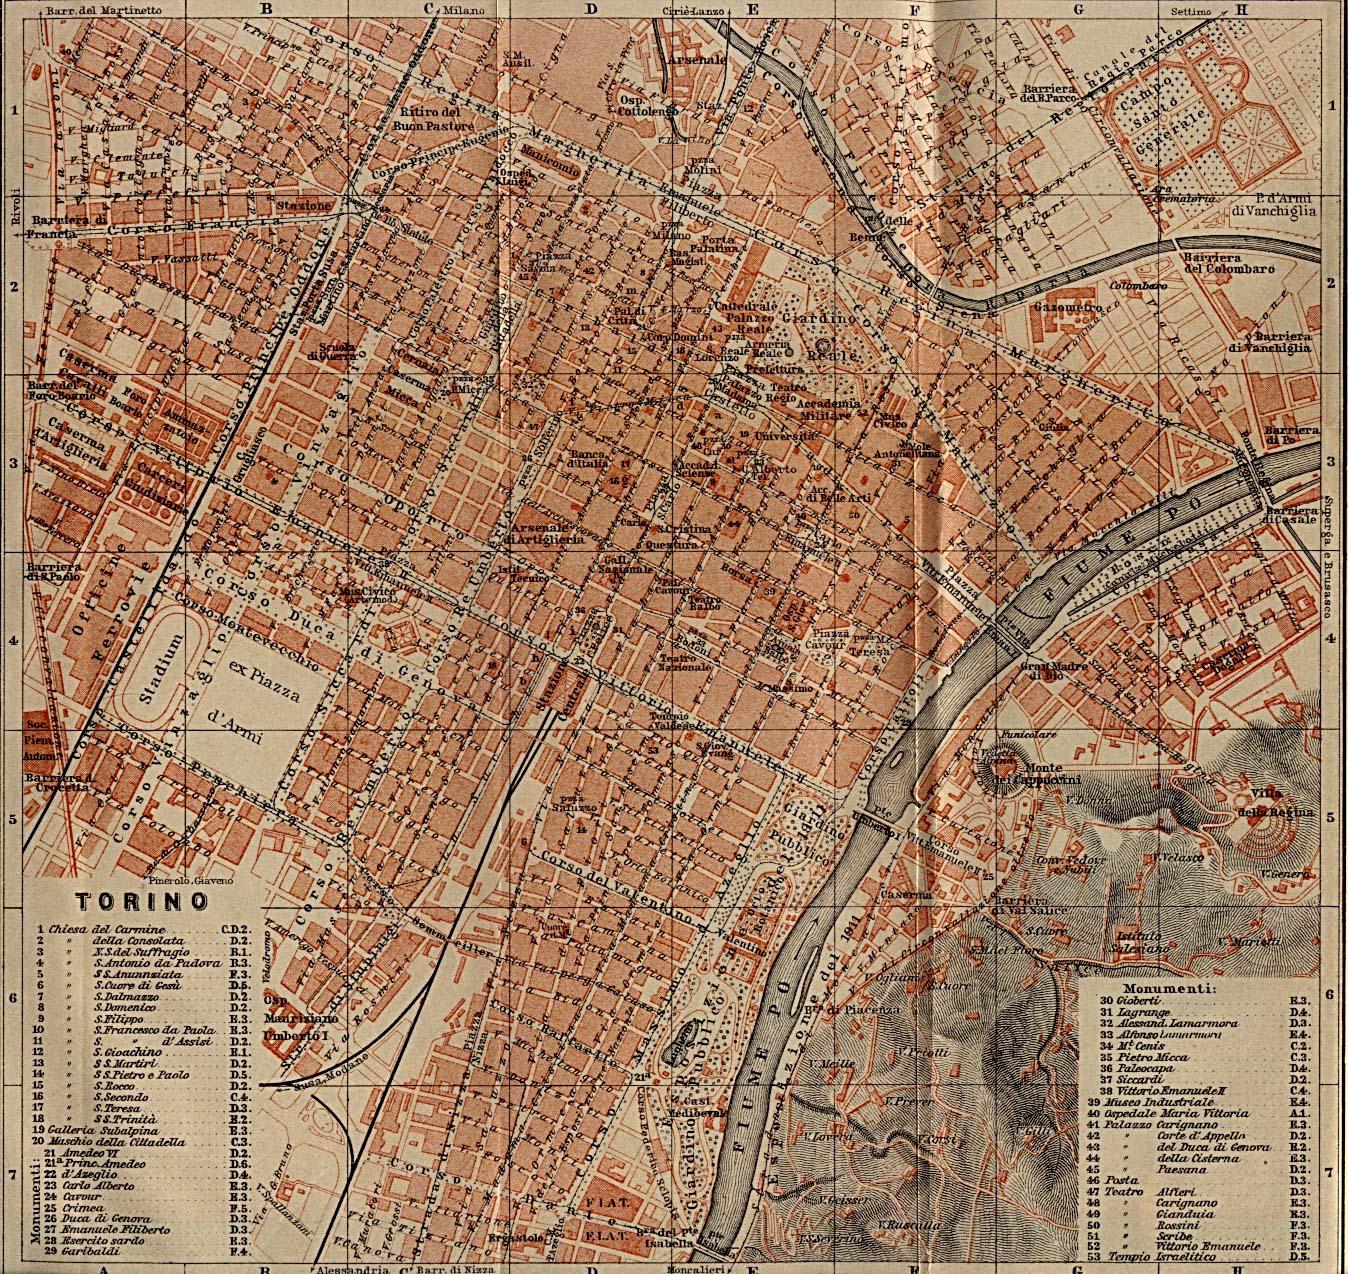 Hartă turistică Torino